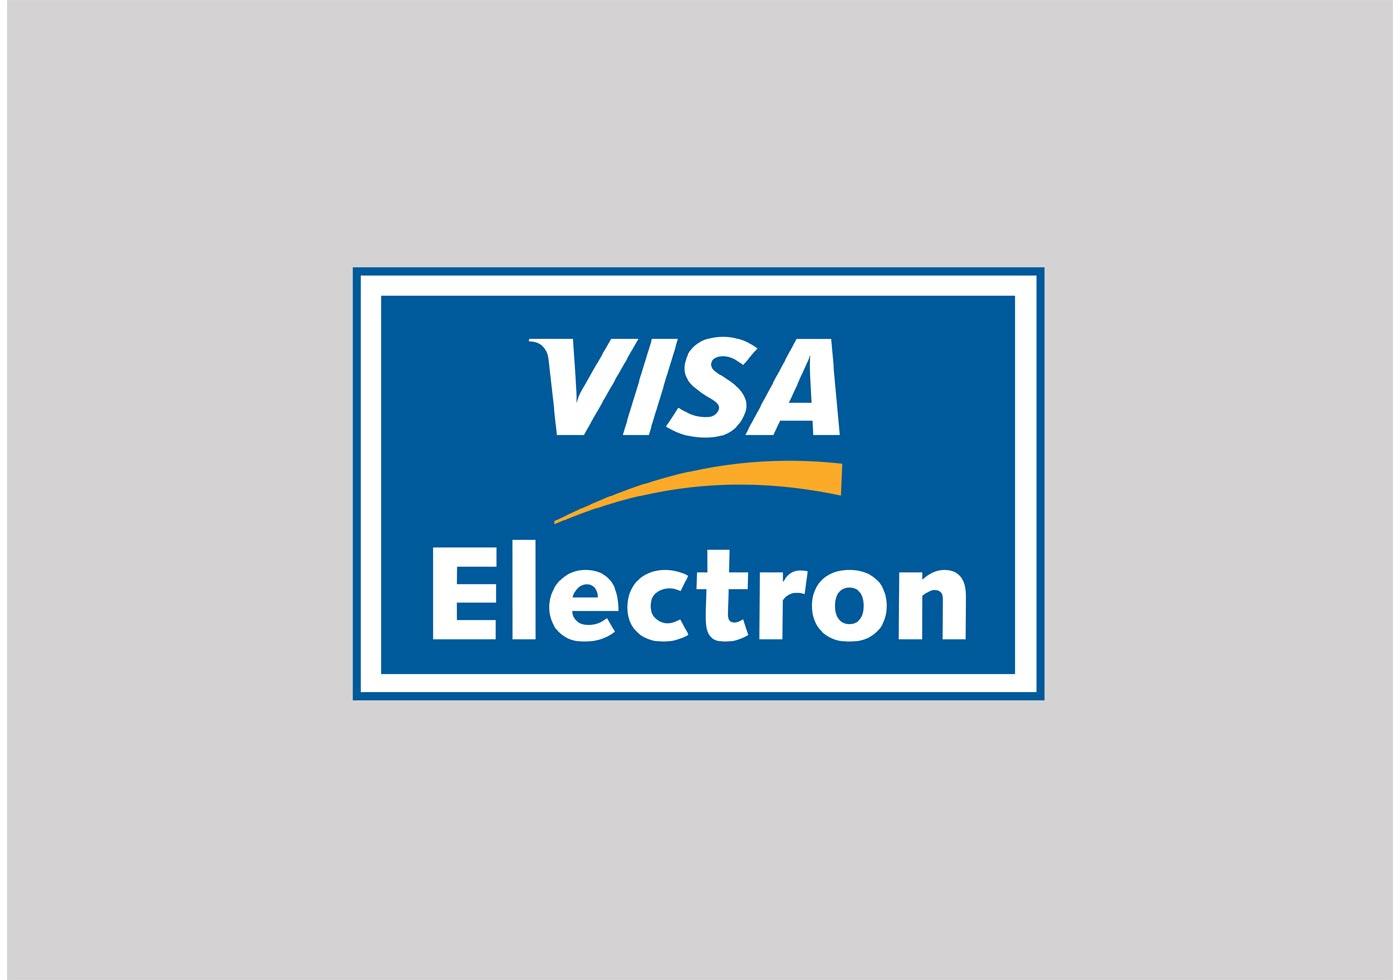 Unterschied Visa Und Visa Electron